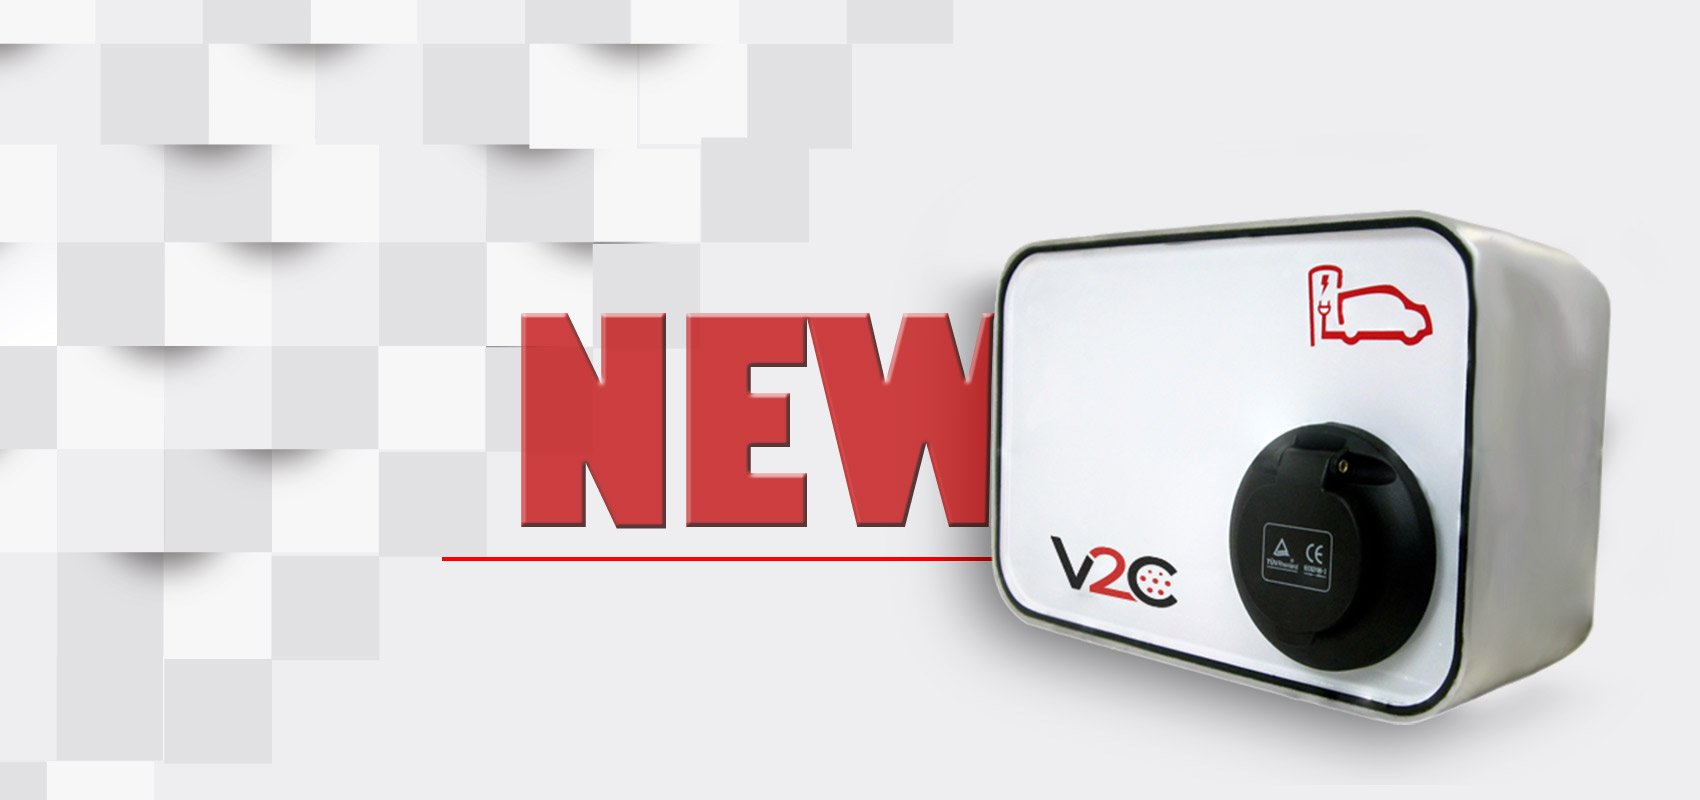 NEW, modelo de V2C cargador coche electrico